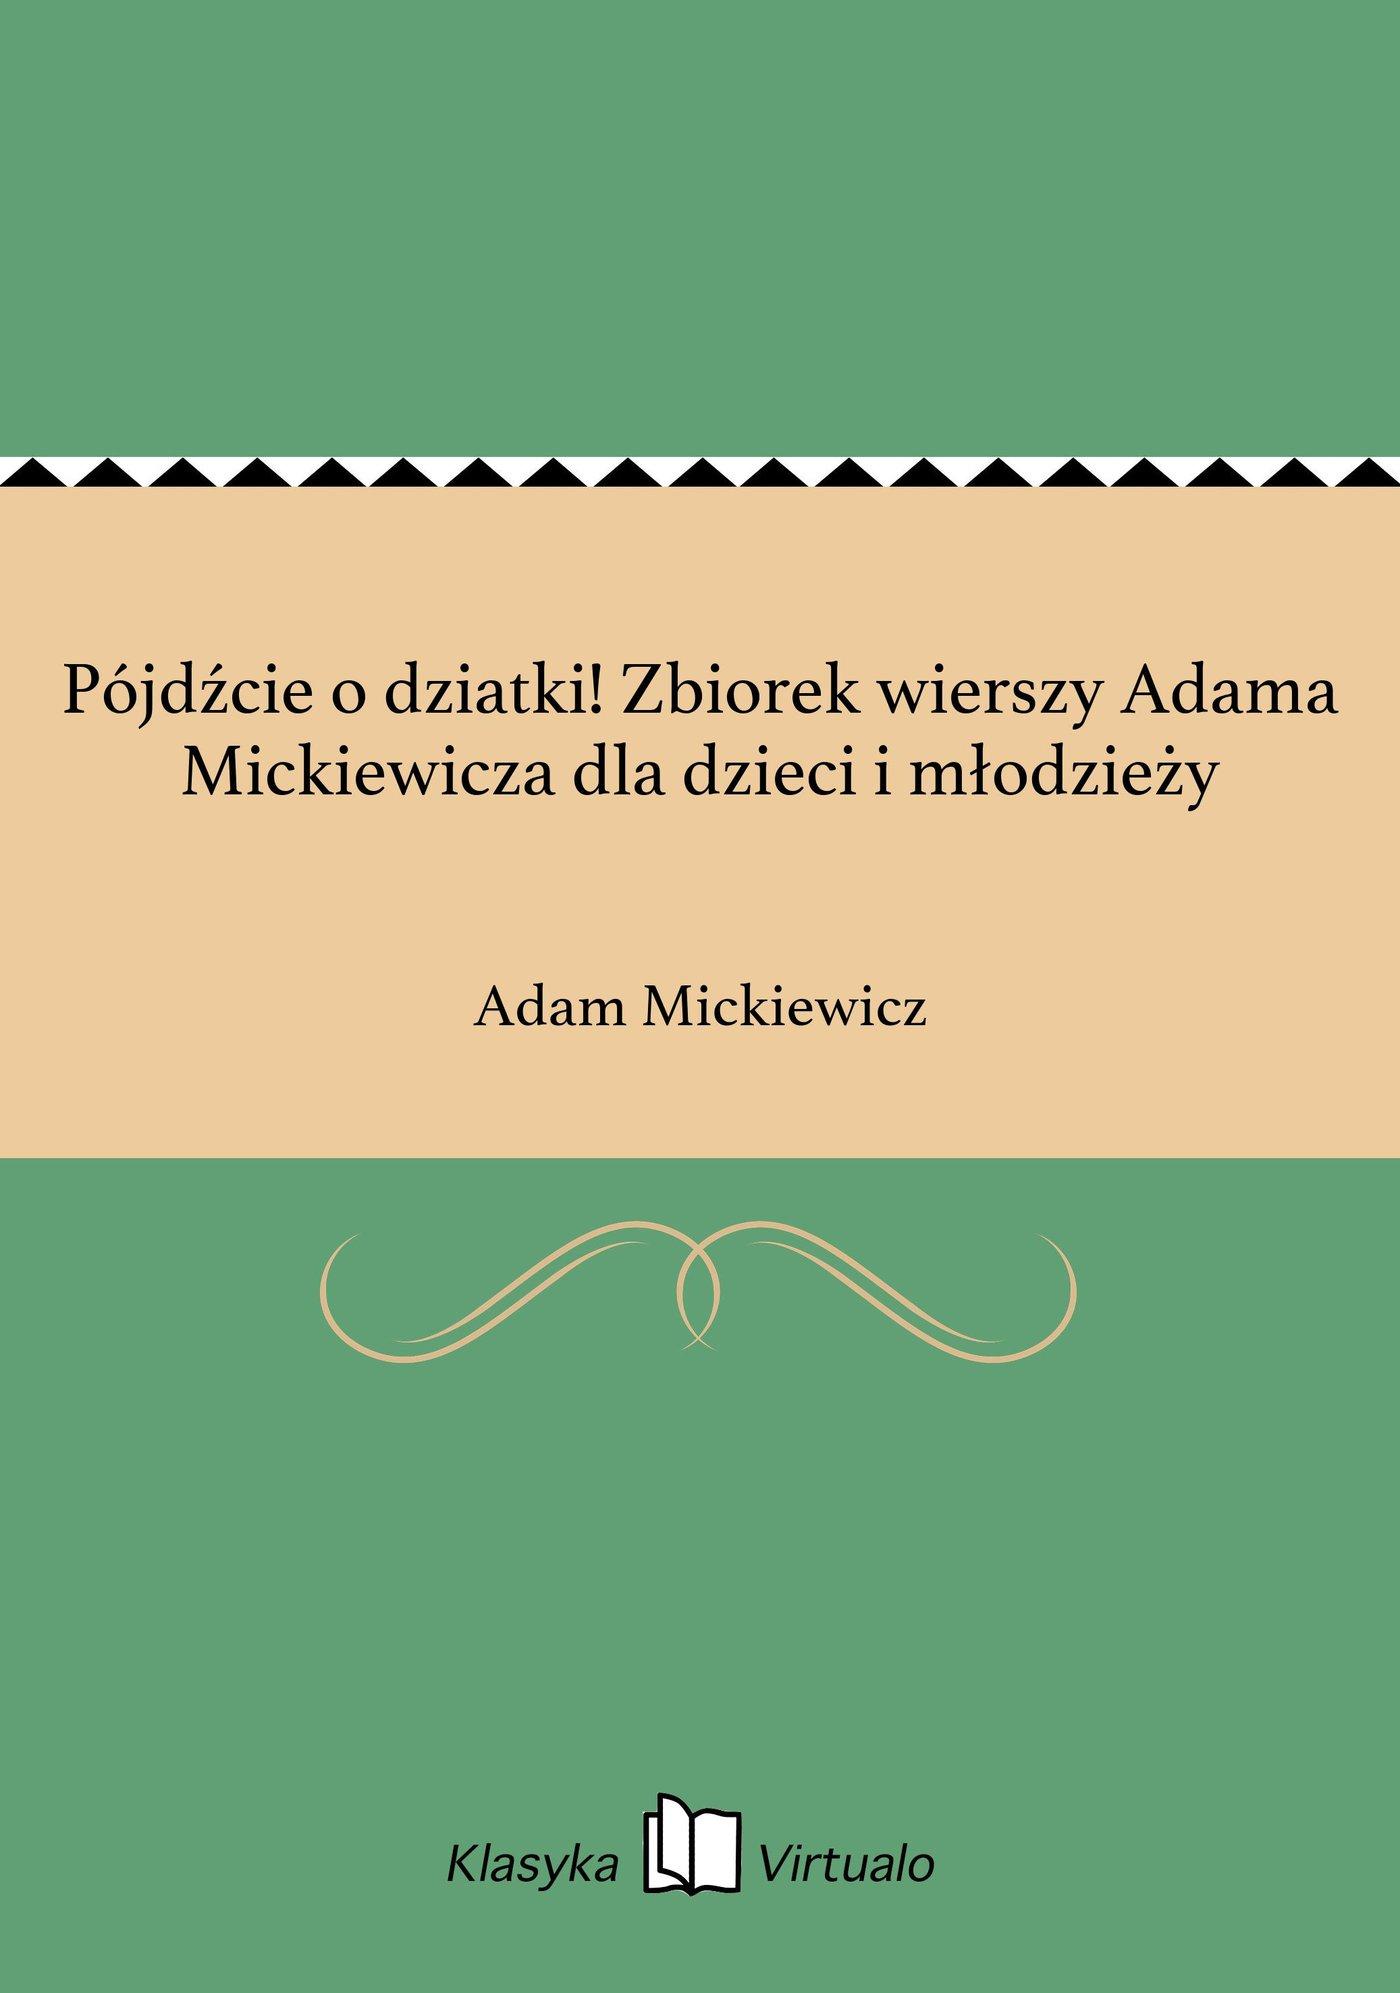 Pójdźcie o dziatki! Zbiorek wierszy Adama Mickiewicza dla dzieci i młodzieży - Ebook (Książka EPUB) do pobrania w formacie EPUB